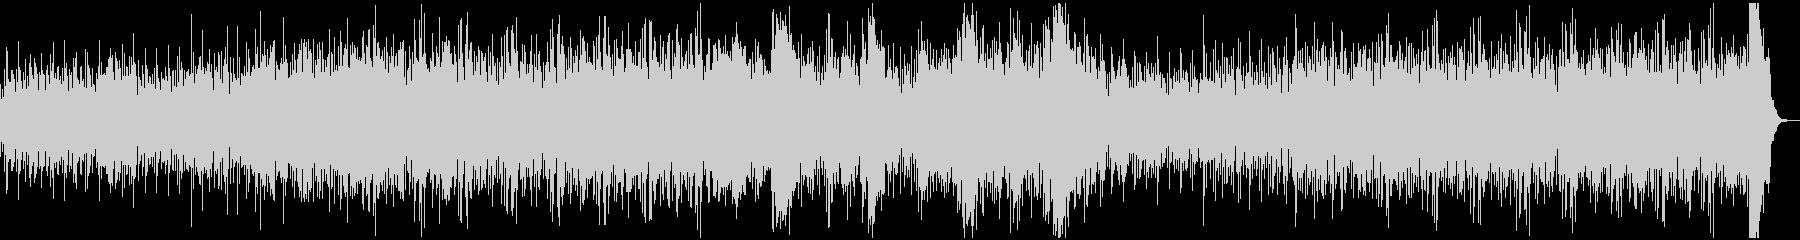 エスニックサウンドトラックは、マリ...の未再生の波形